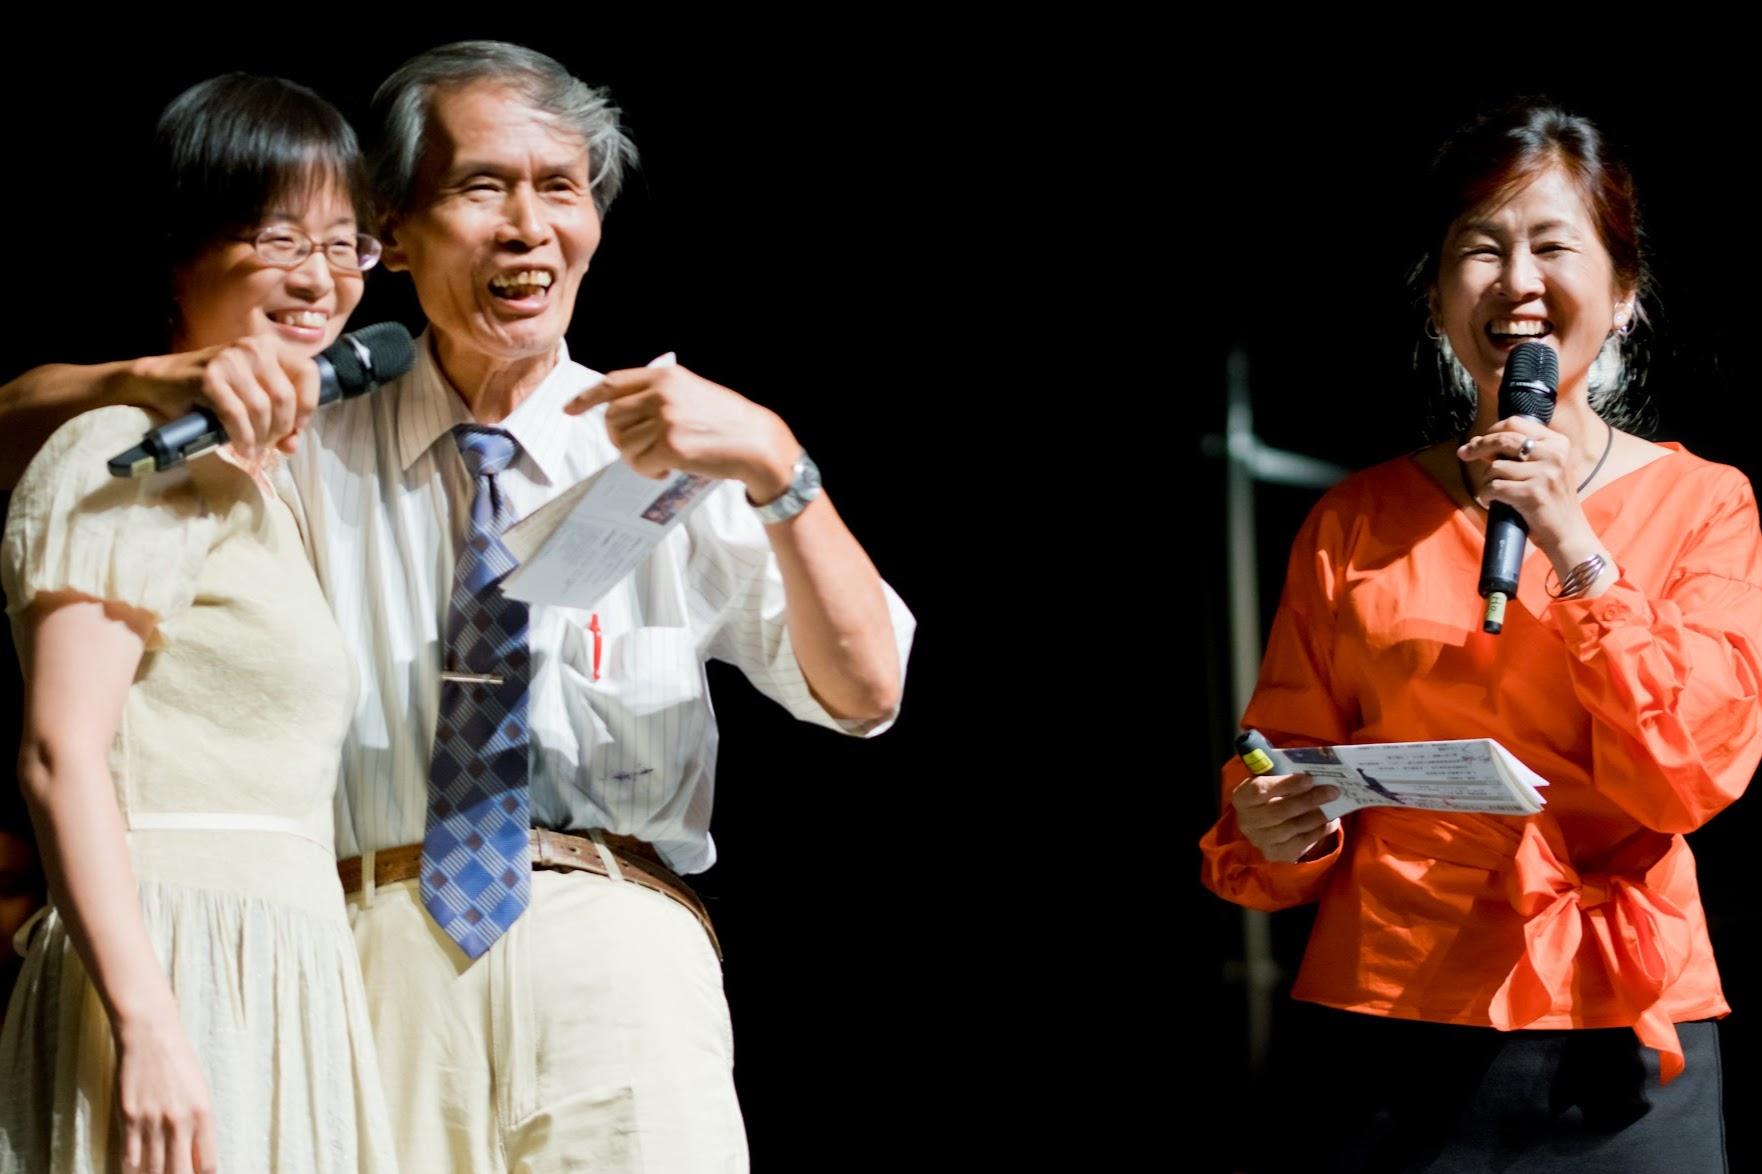 「有像嗎?她是我的女兒!」主持人張良澤教授,快樂地向觀衆介紹長笛演奏者浦